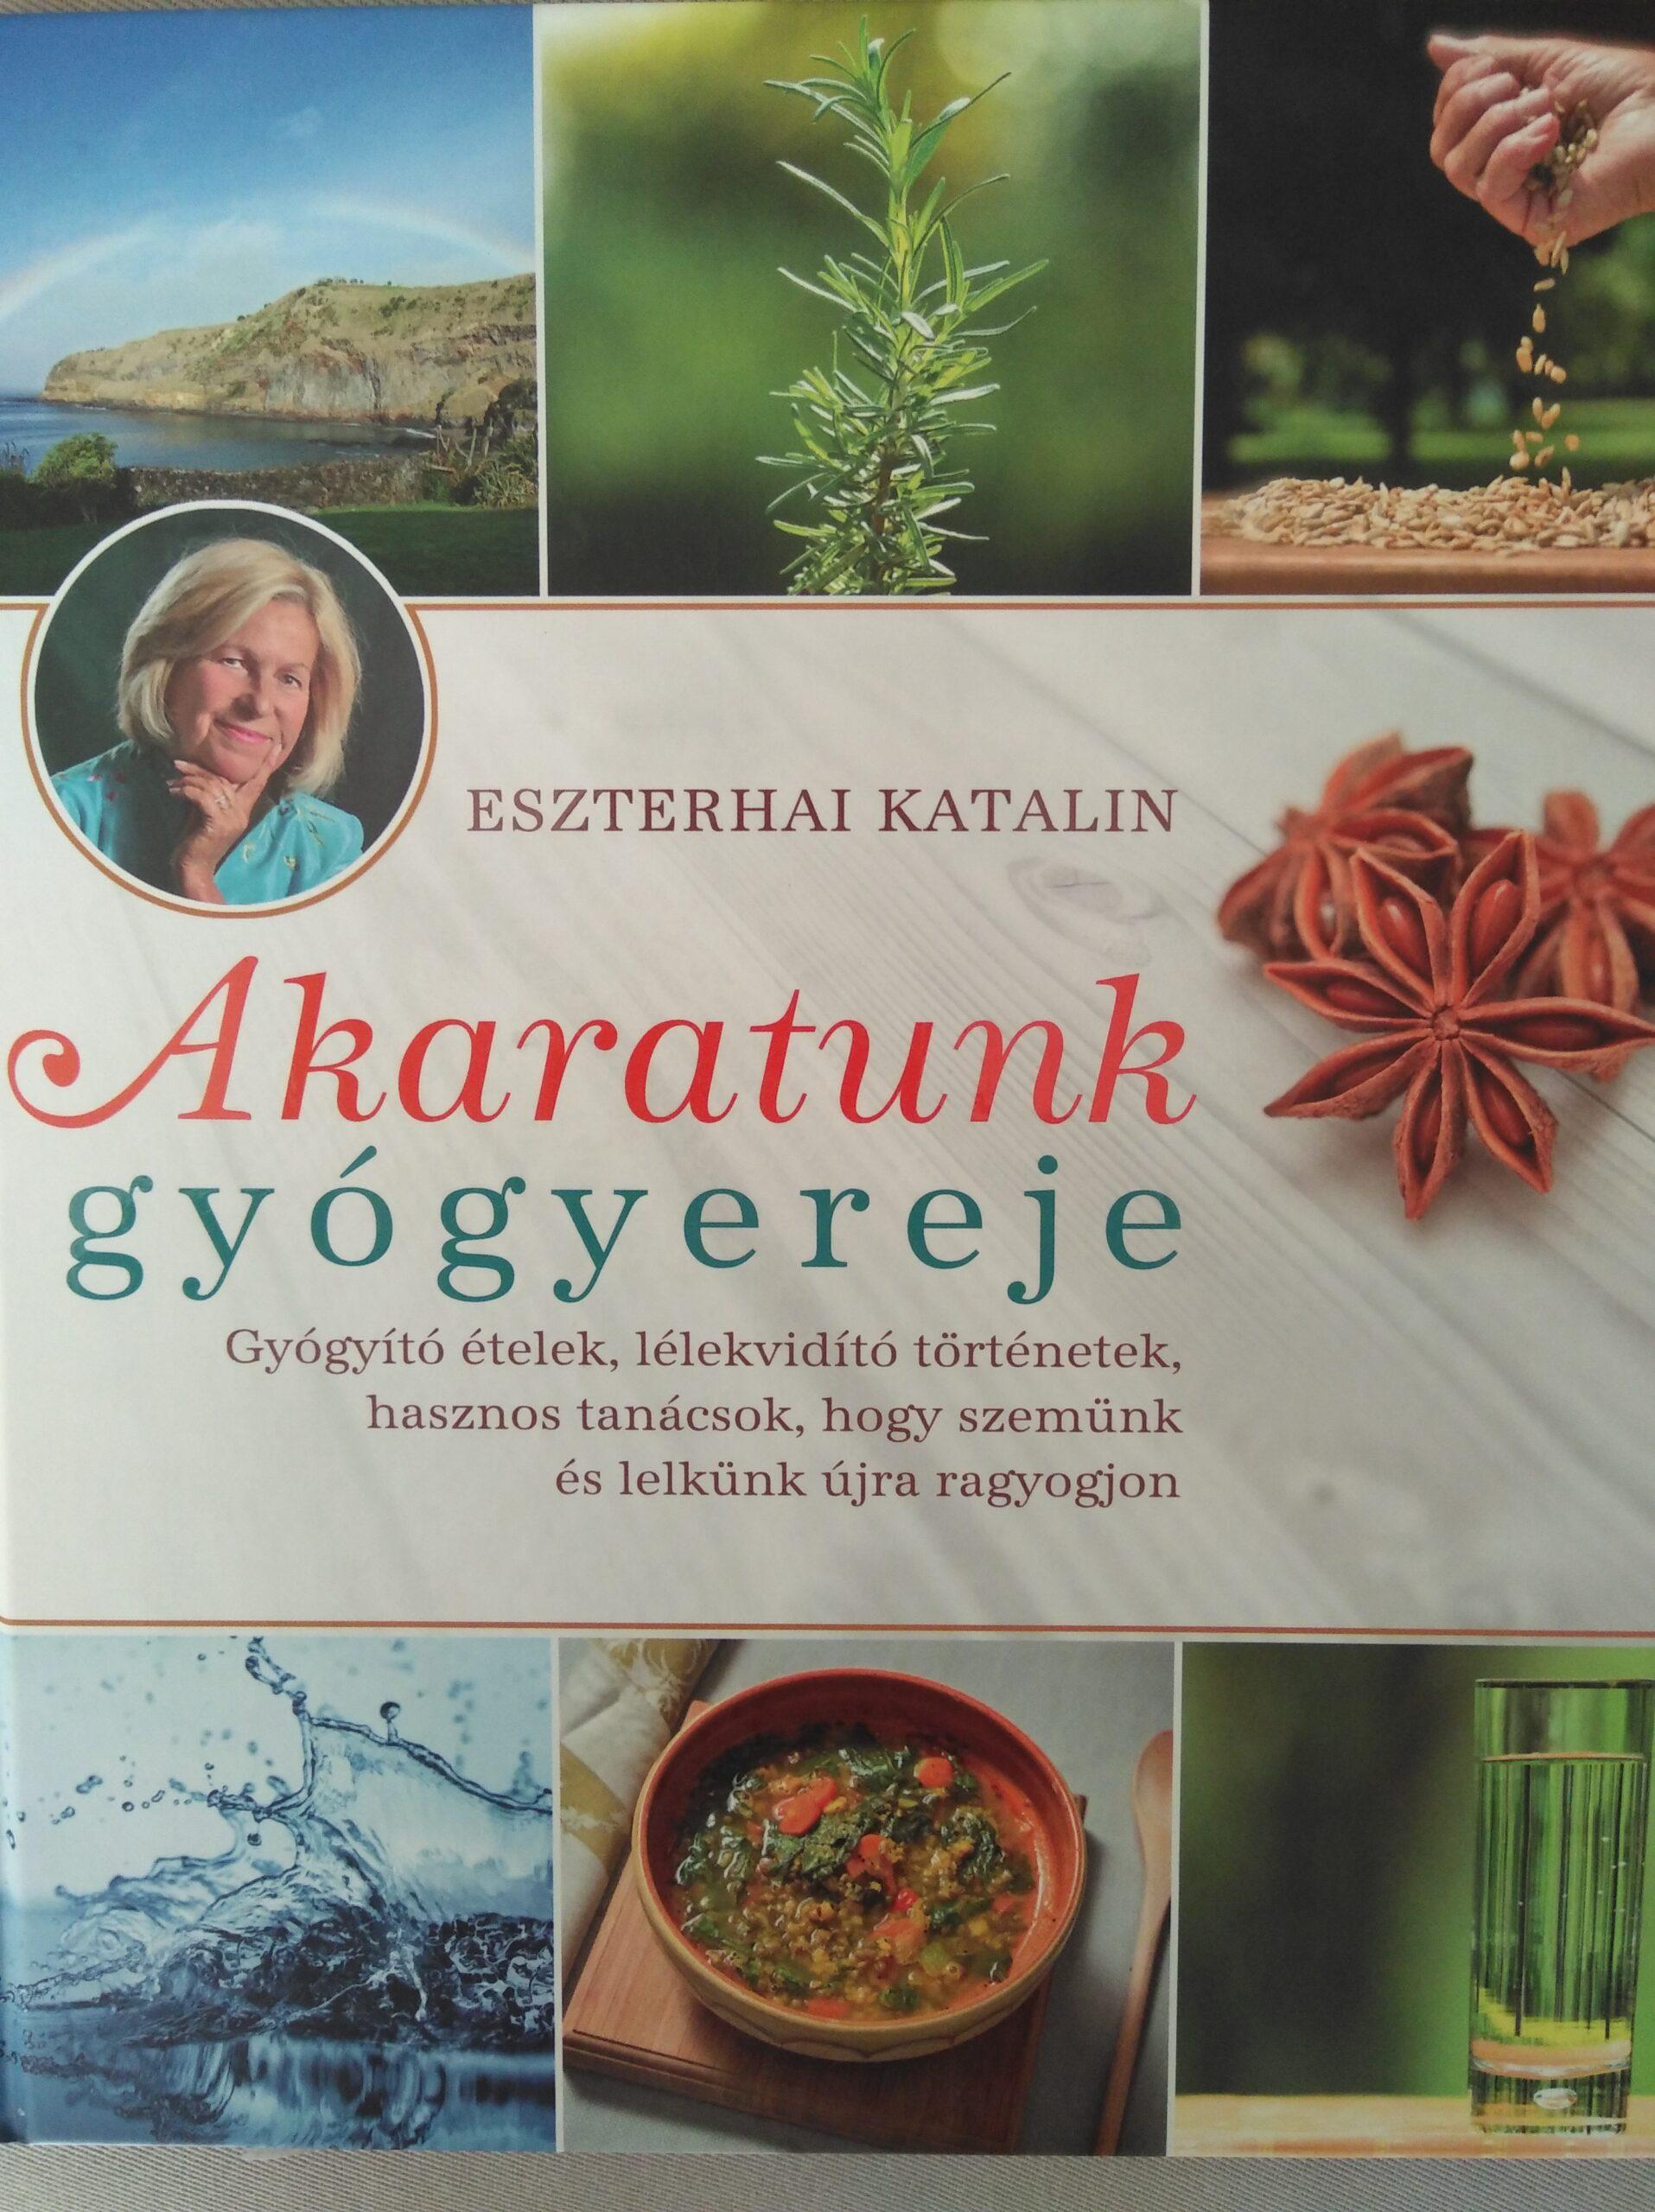 szemészeti könyv ingyenesen letölthető